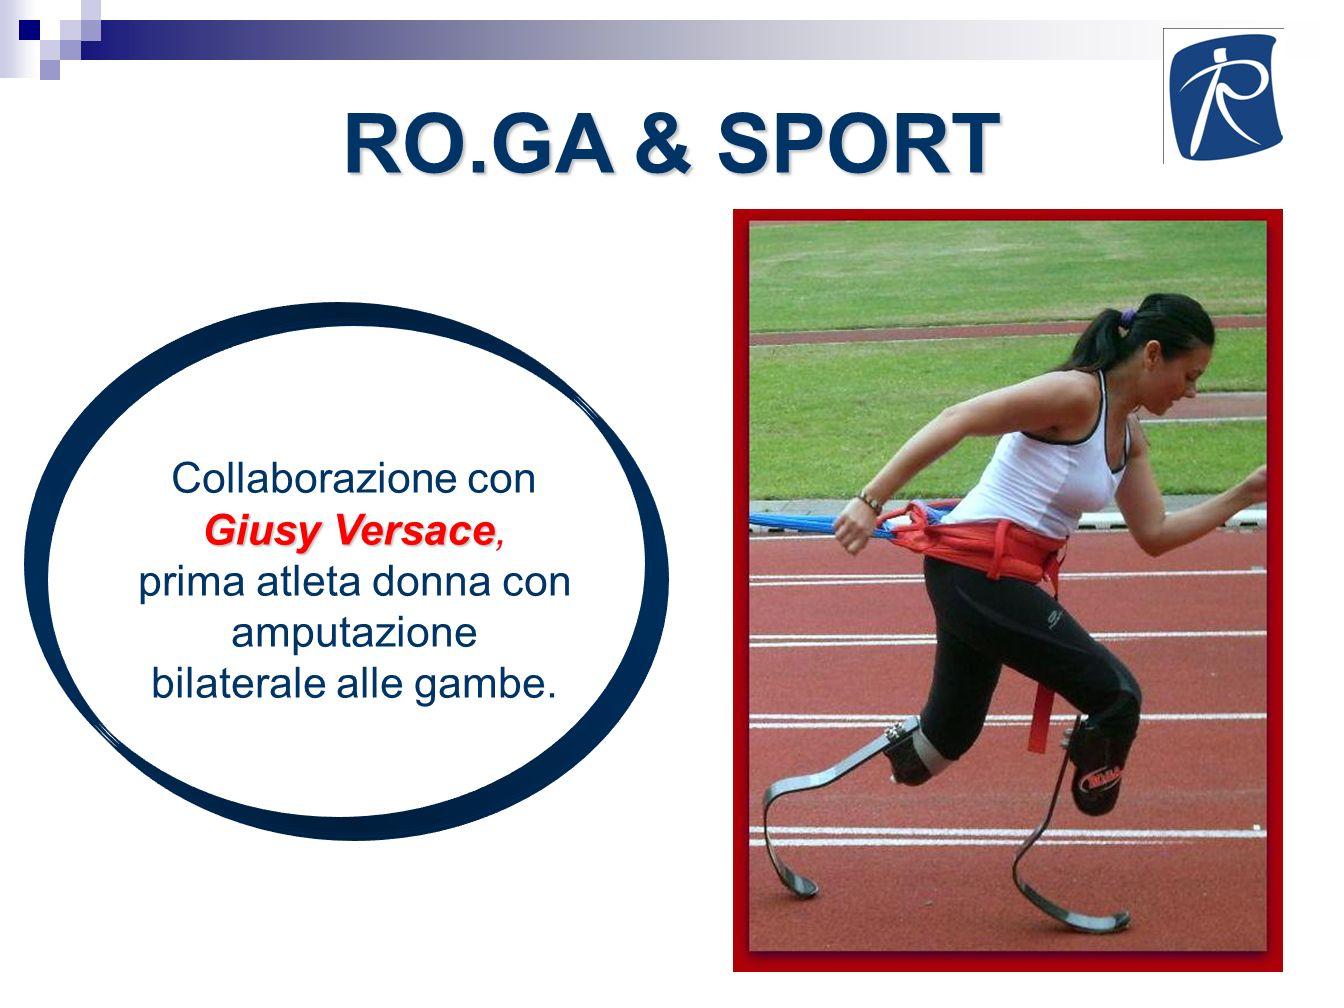 RO.GA & SPORT Collaborazione con Giusy Versace, prima atleta donna con